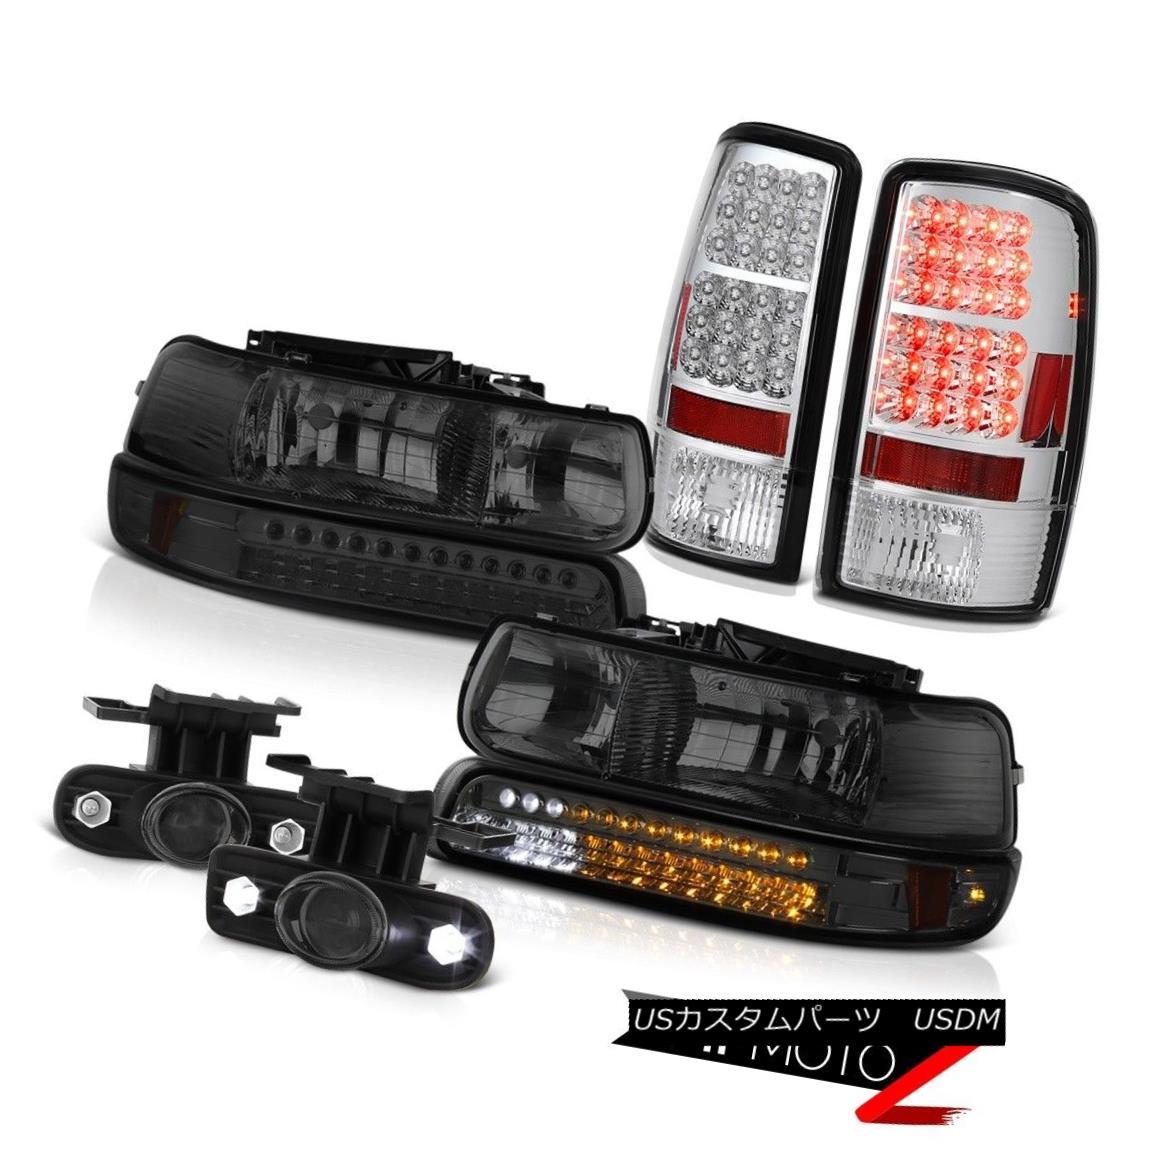 テールライト Smoke LED Bumper Headlight Headlamp 2000-06 Chevy Tahoe Tail Light Projector Fog スモークLEDバンパーヘッドライトヘッドランプ2000-06 Chevy Tahoeテールライトプロジェクターフォグ